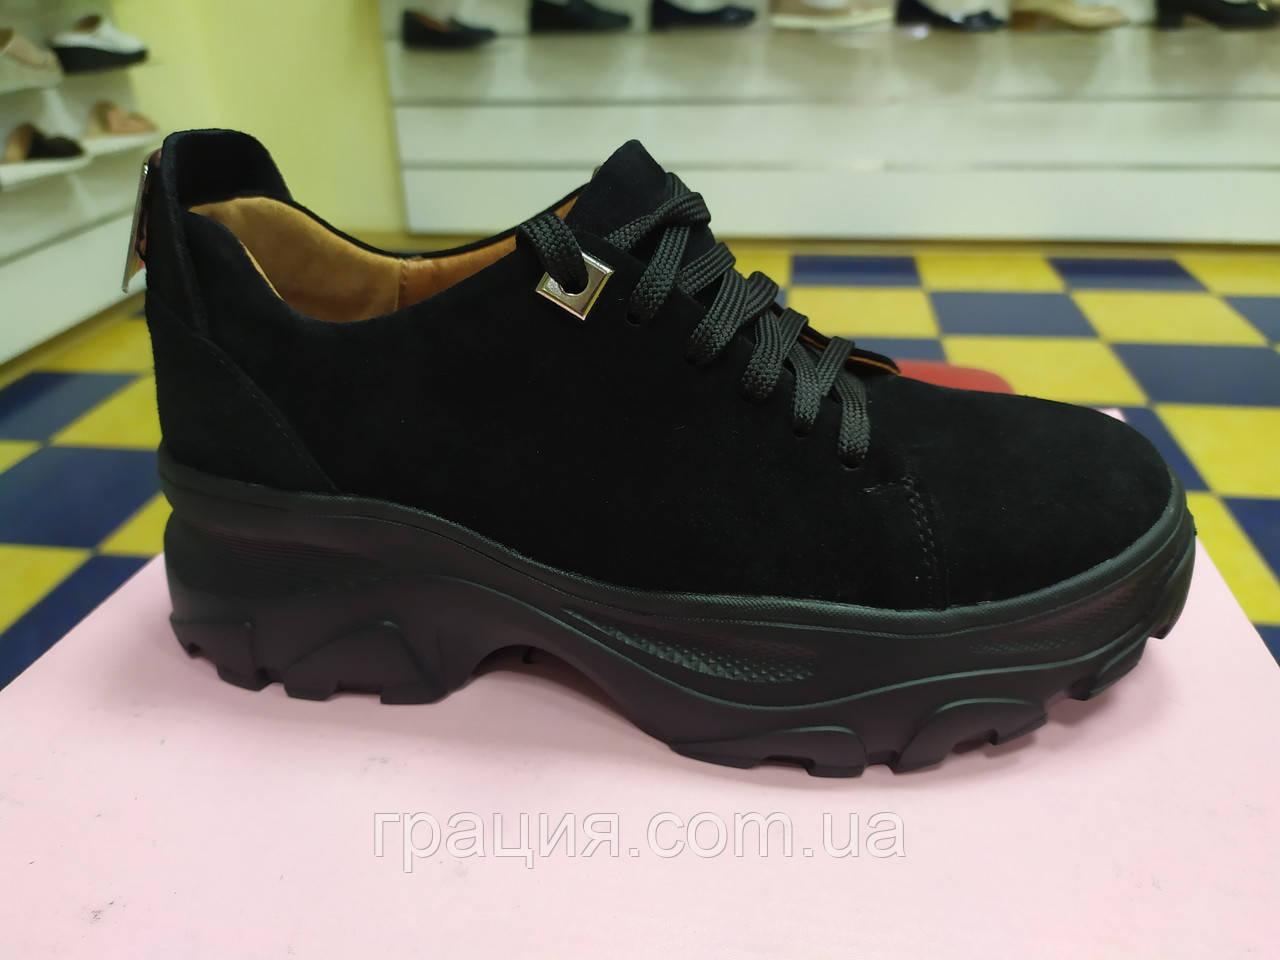 Модные женские кроссовки натуральная замша